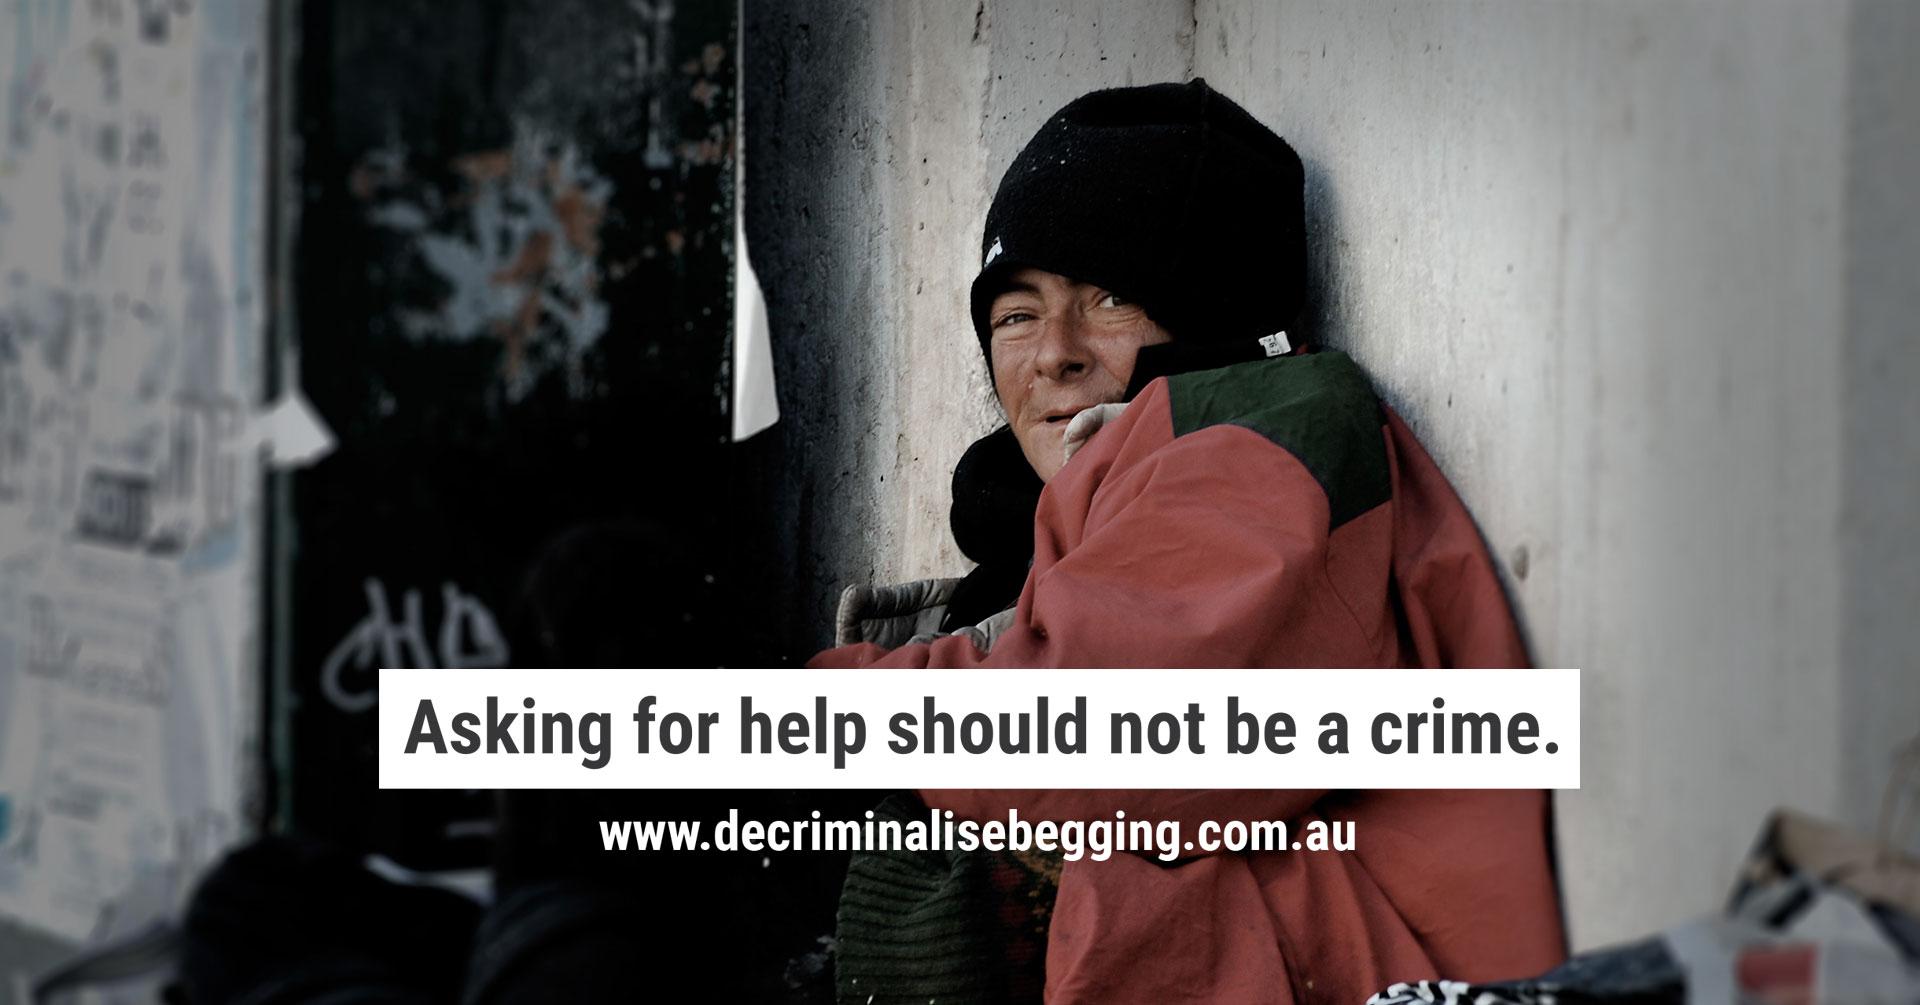 Decriminalise begging